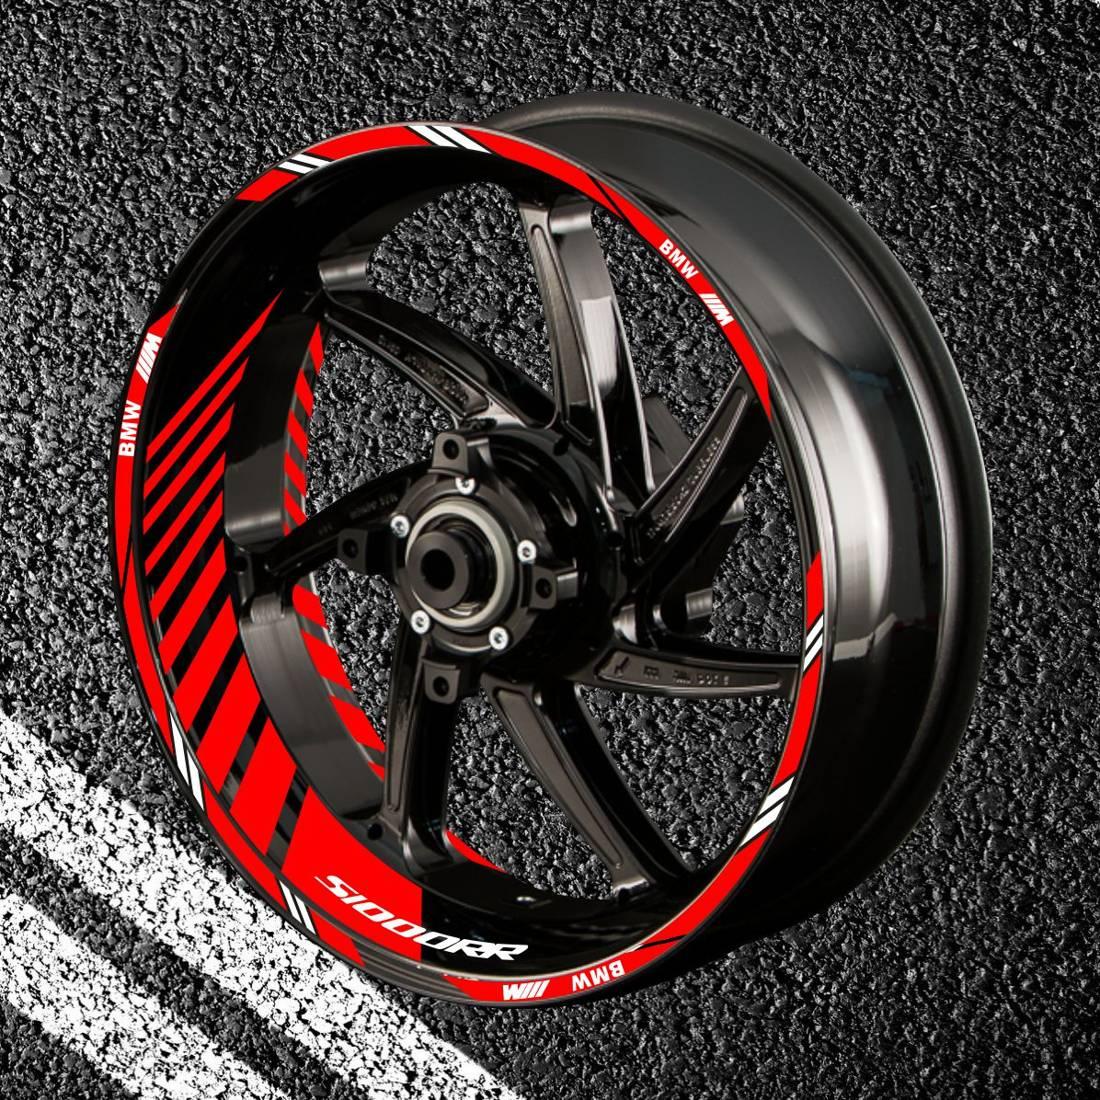 Комплект наклеек с полосами на колеса мотоцикла BMW S-1000-RR